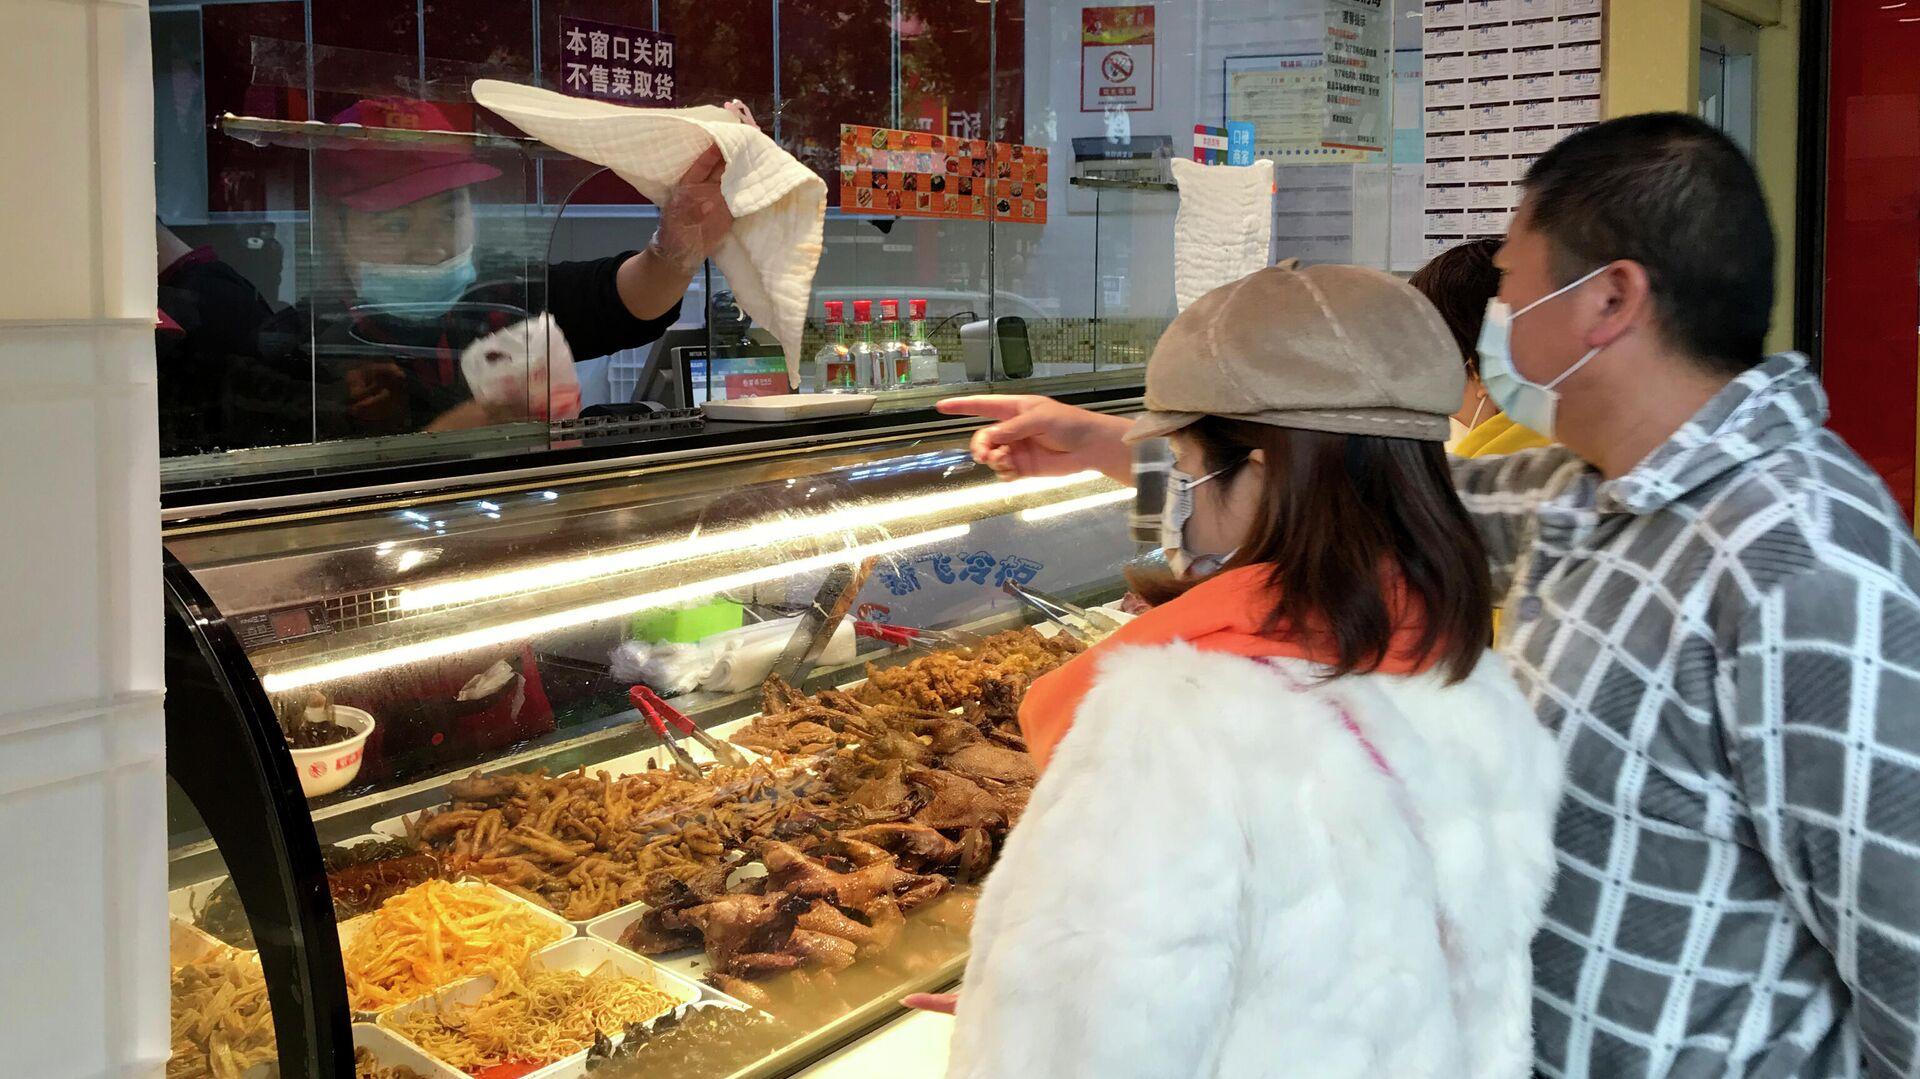 Местные жители покупают еду навынос в Ухани, КНР - РИА Новости, 1920, 29.04.2021